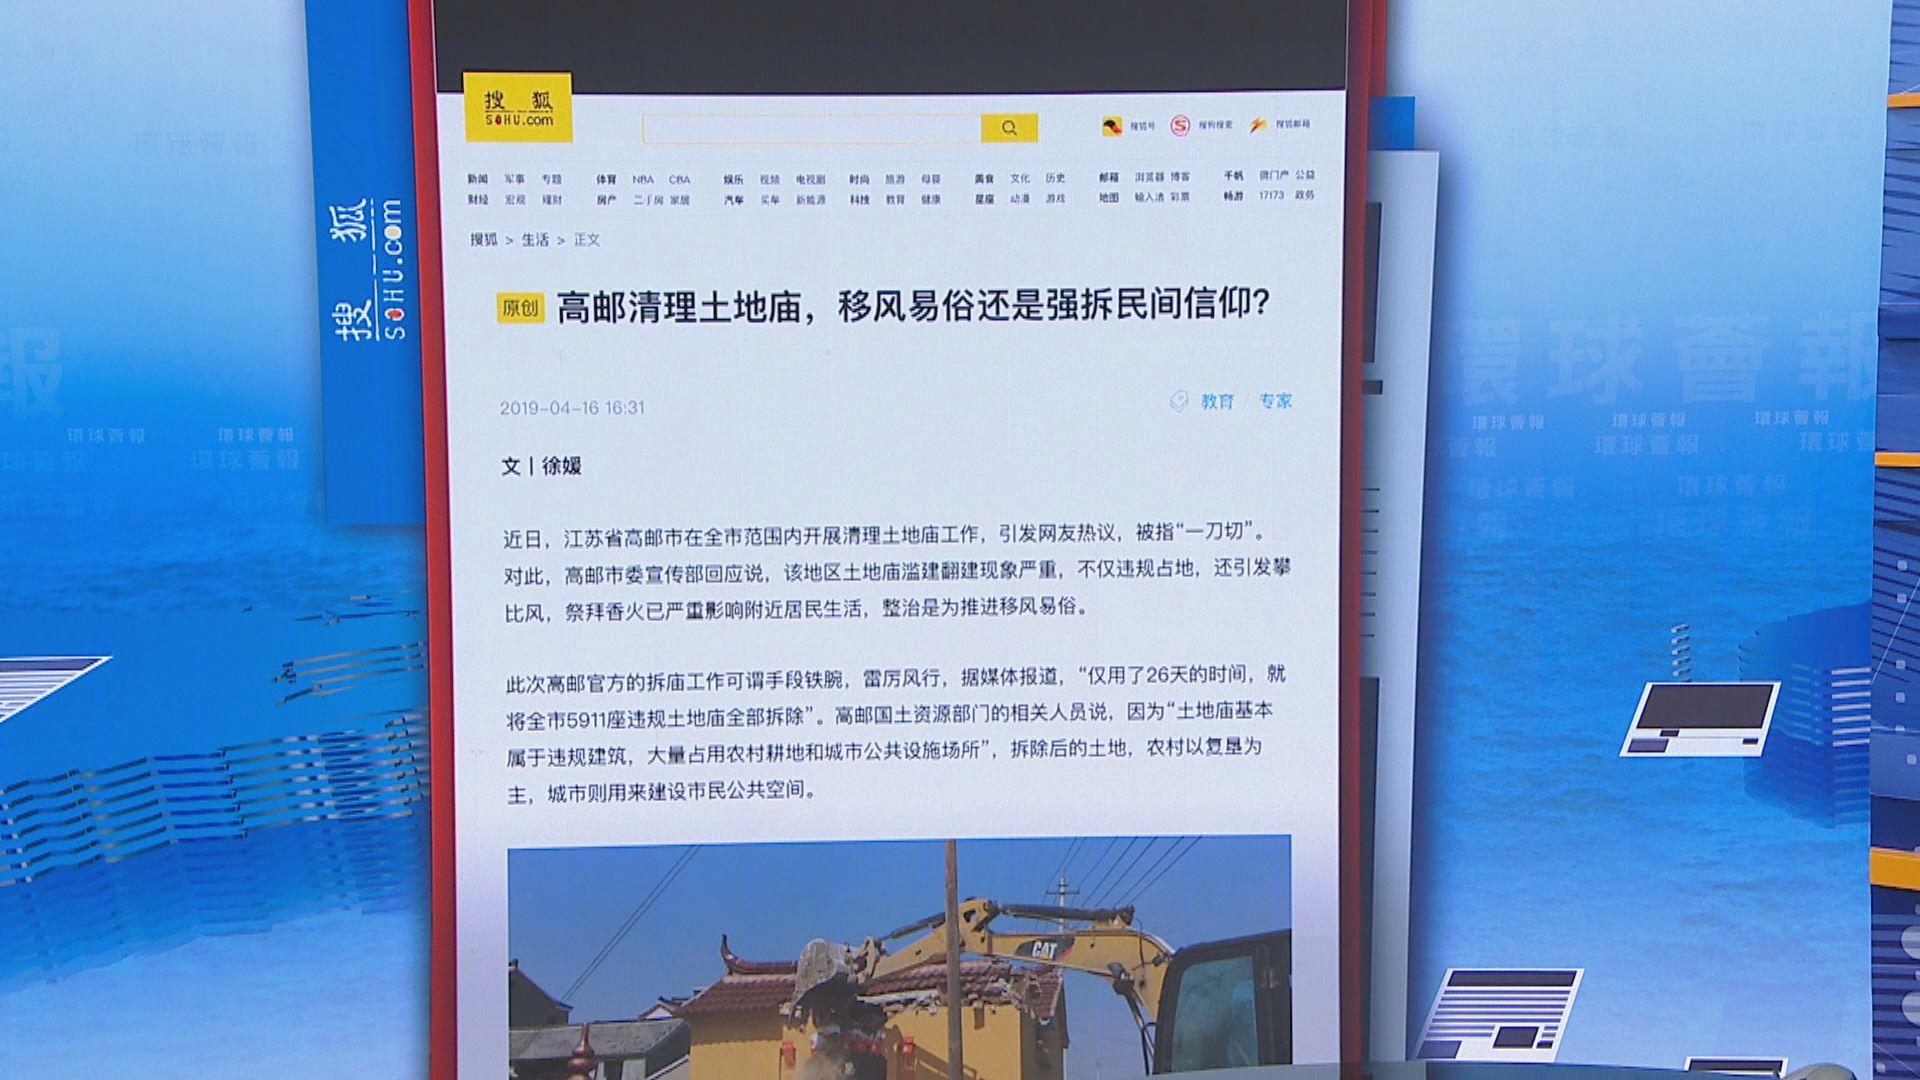 【環球薈報】江蘇高郵大規模清拆土地廟惹民眾不滿